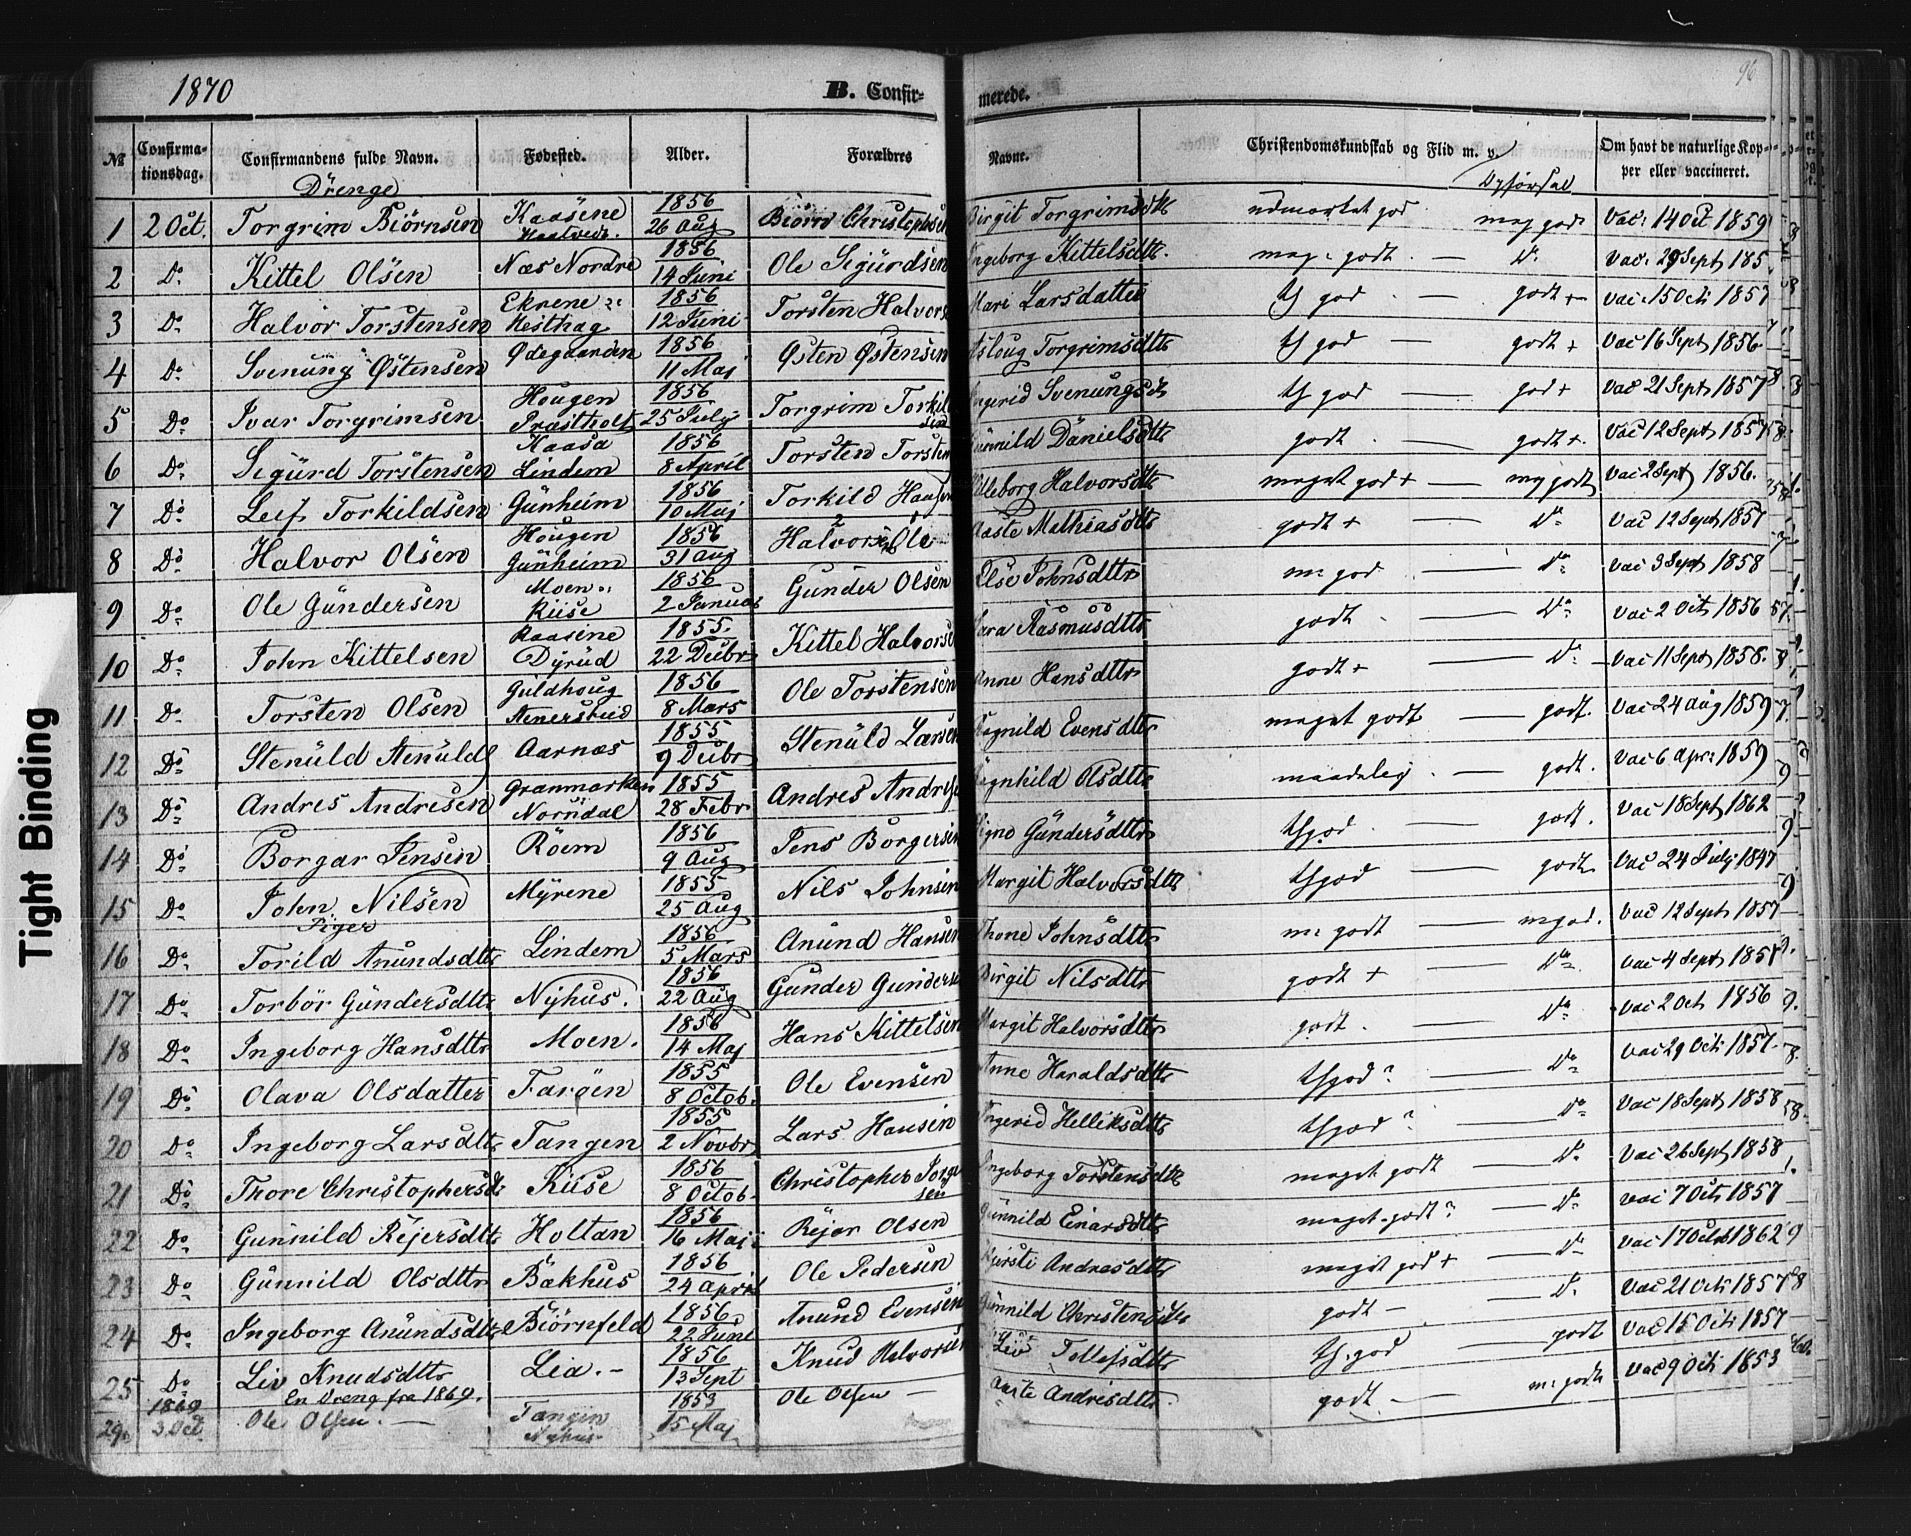 SAKO, Sauherad kirkebøker, F/Fb/L0001: Ministerialbok nr. II 1, 1851-1877, s. 96